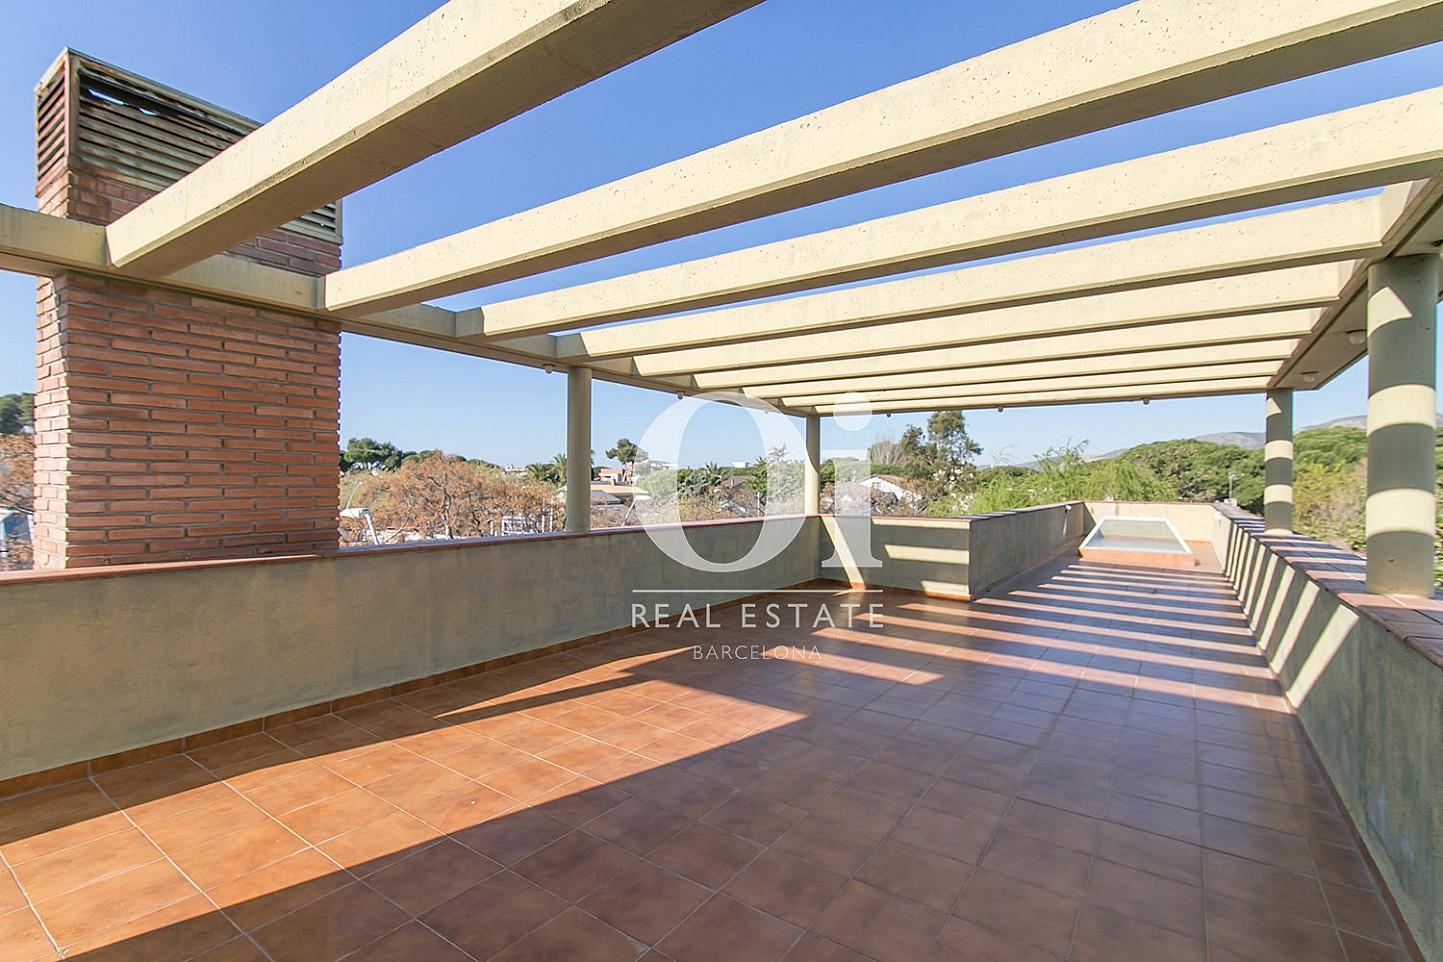 Terrasse de la maison en vente à Castelldefels, Barcelone